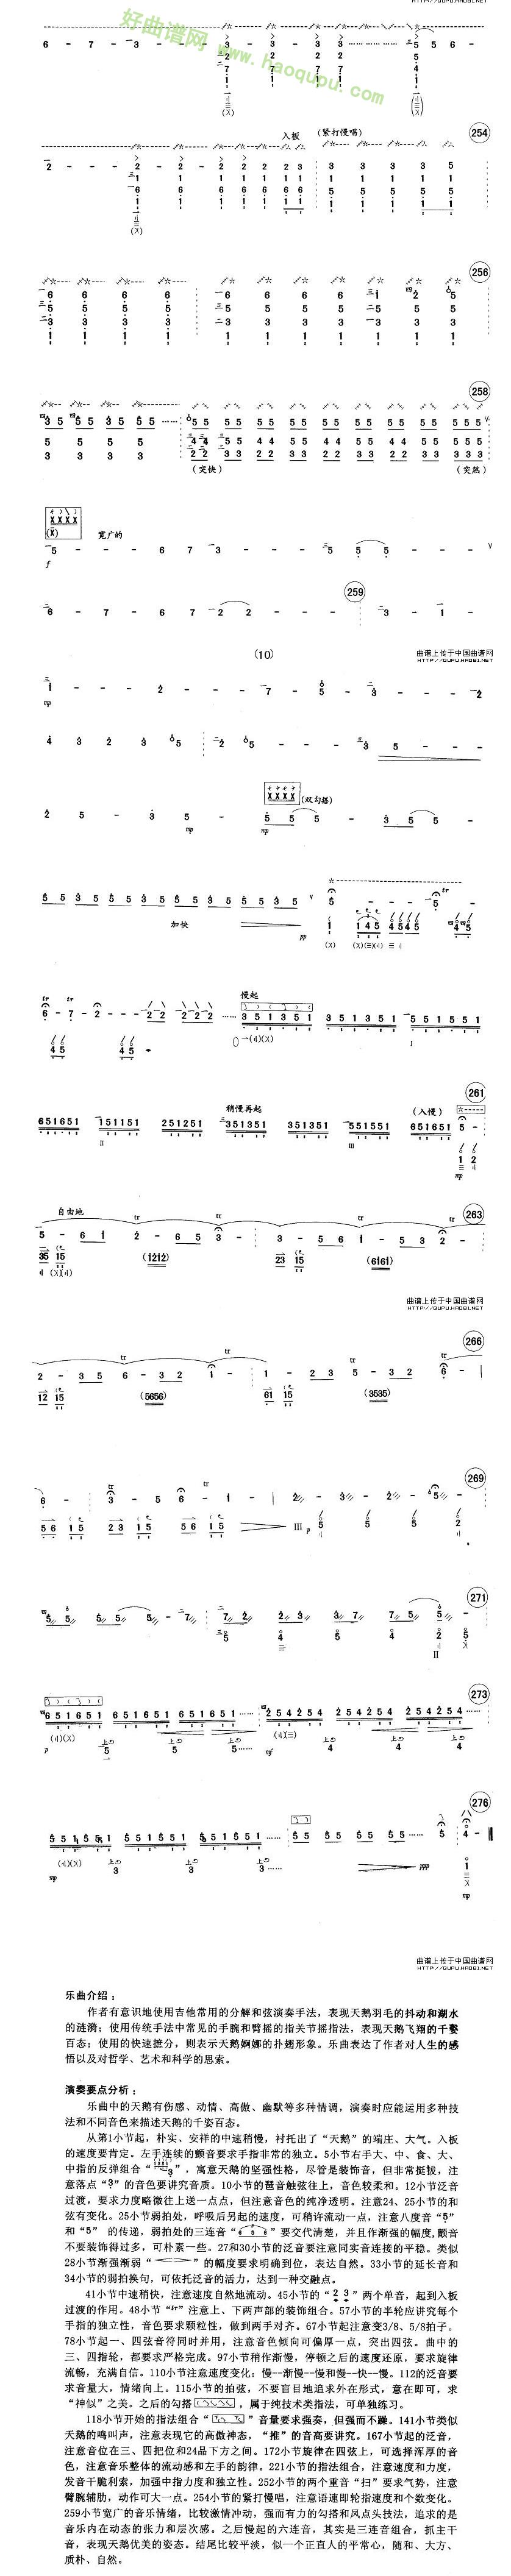 《天鹅》(献给正直者)琵琶曲谱第4张